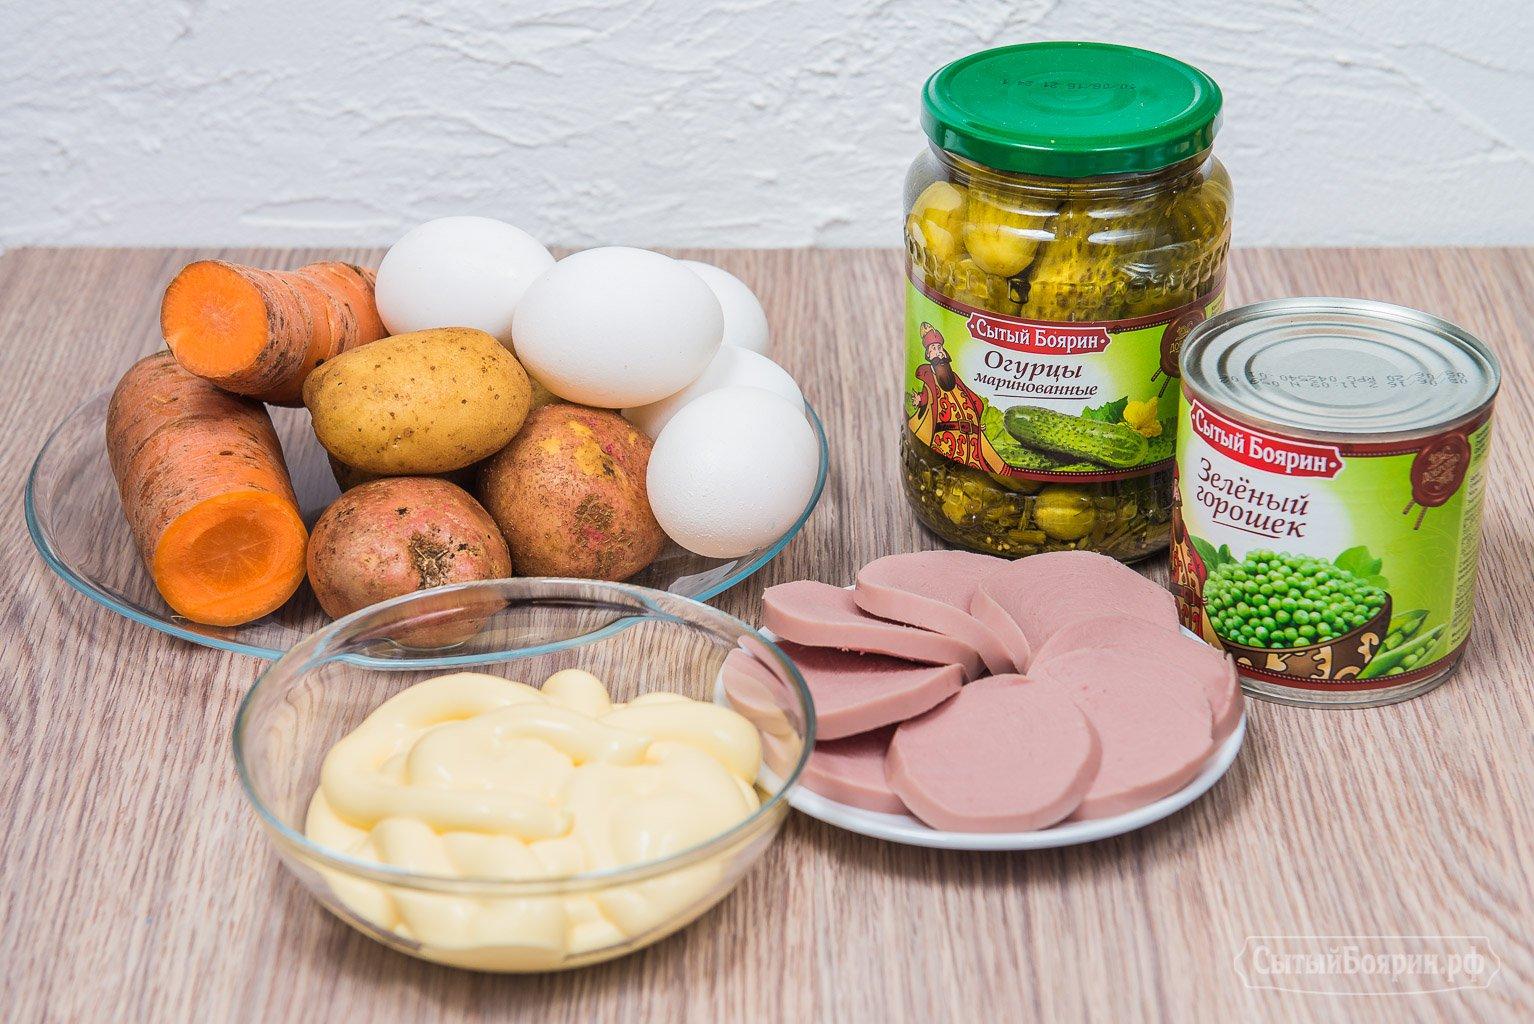 Оливье рецепт классический с колбасой с пошагово 2